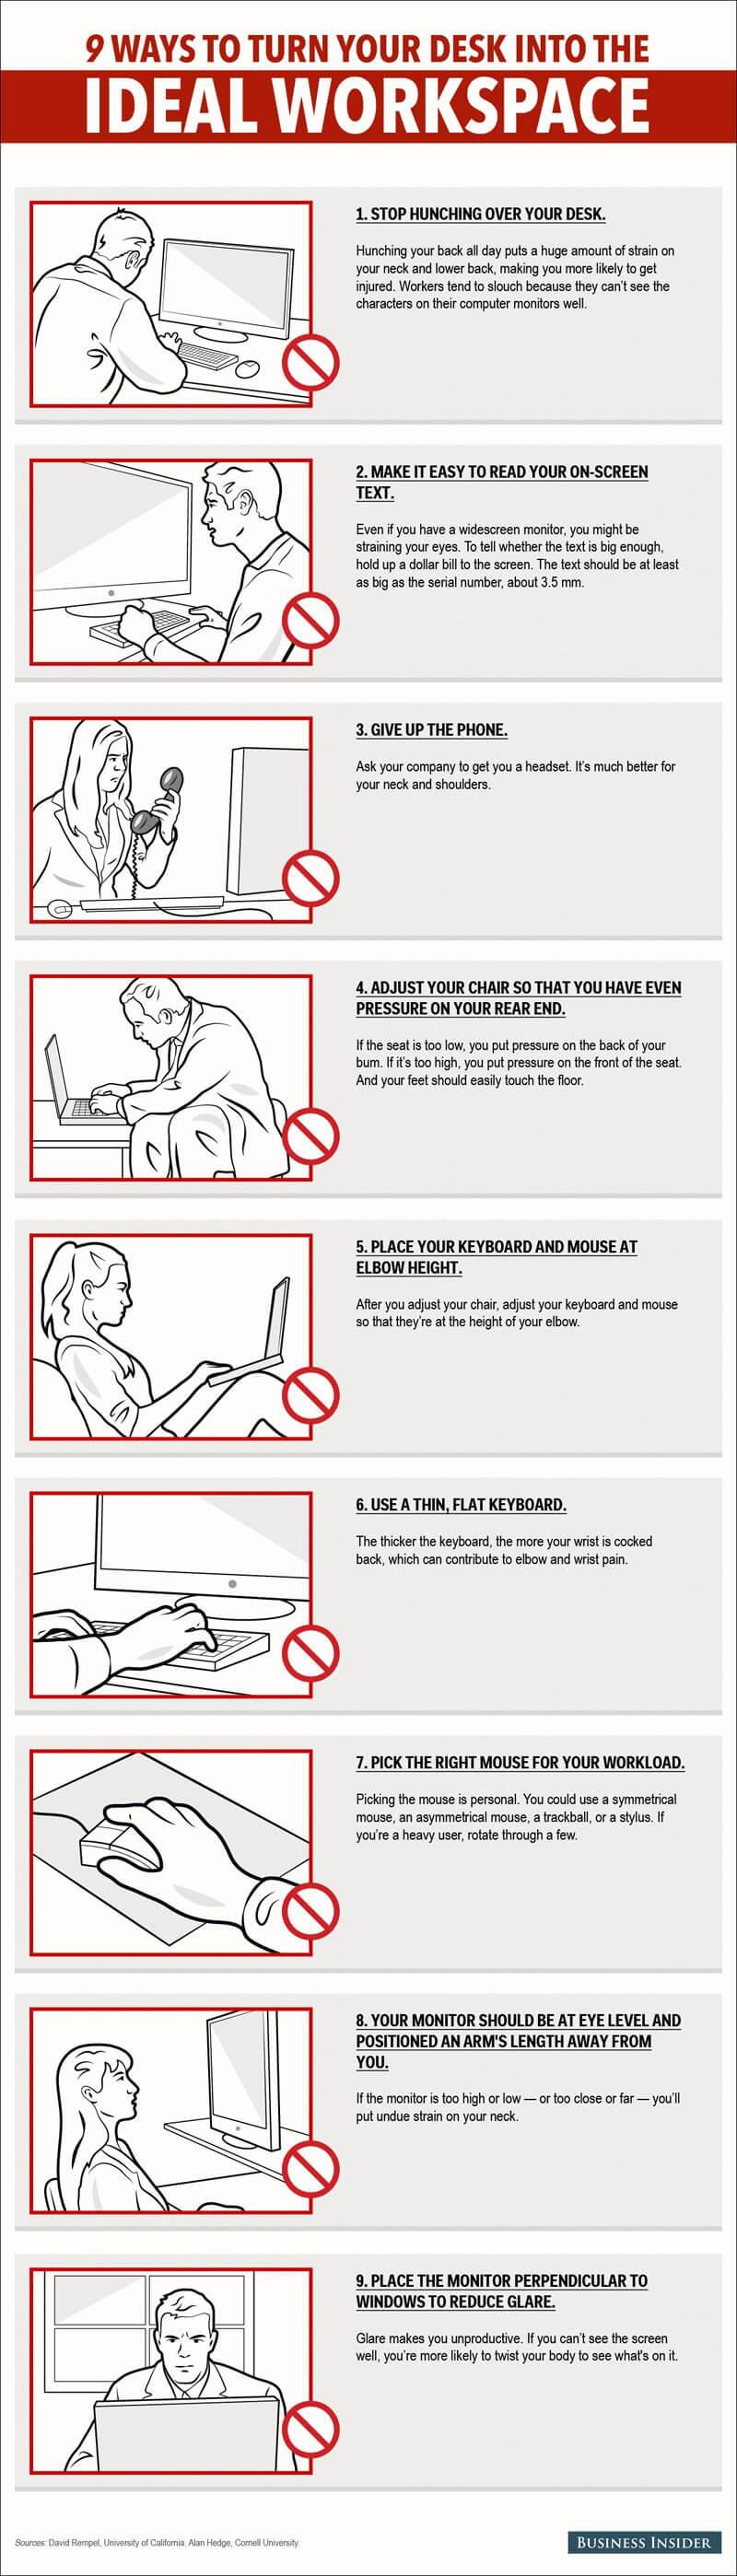 1397589579-9-ways-turn-desk-ideal-workspace-infographic